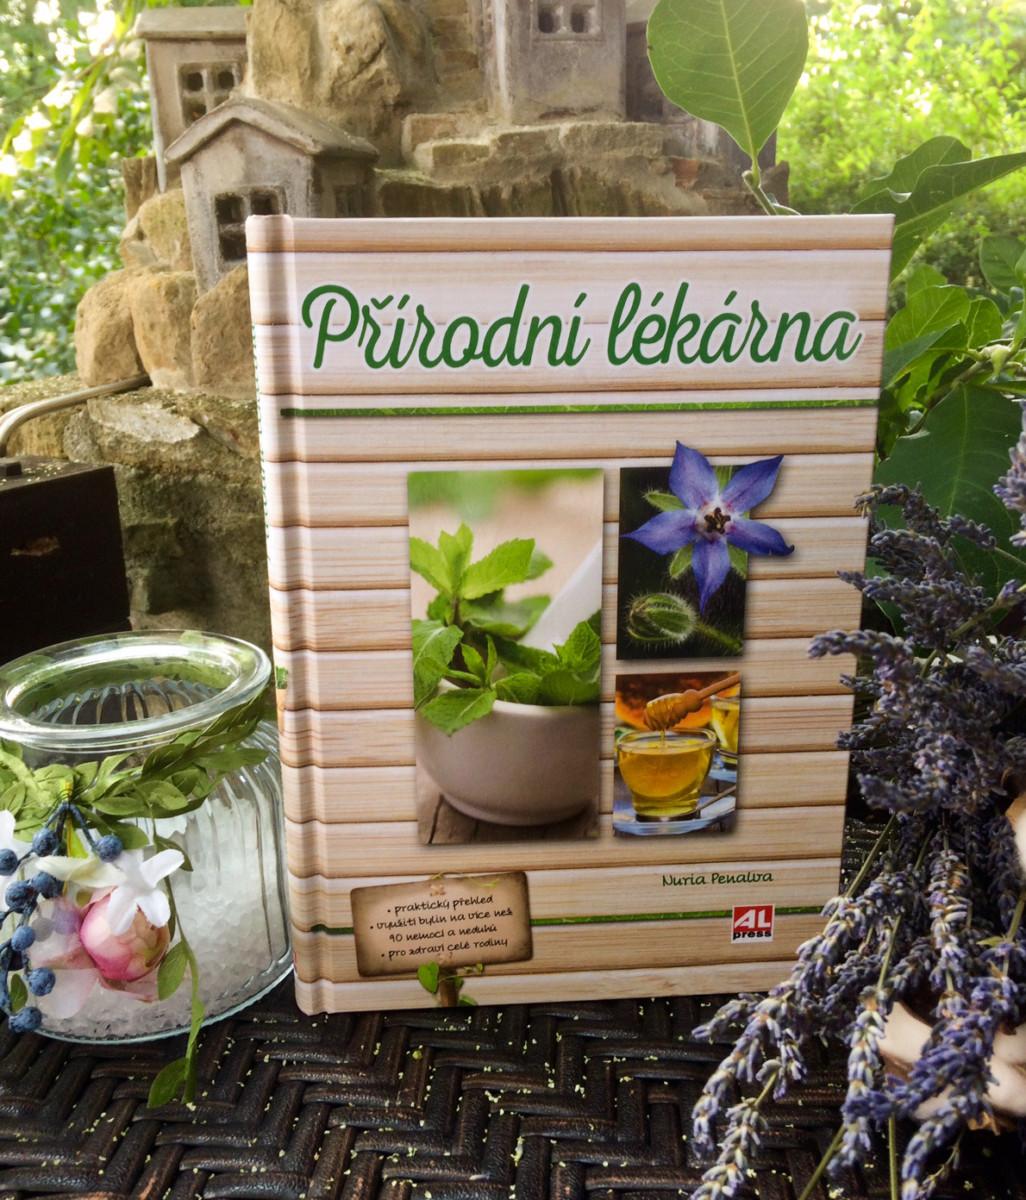 Kniha Přírodní lékárna v našem nakladatelství Alpress